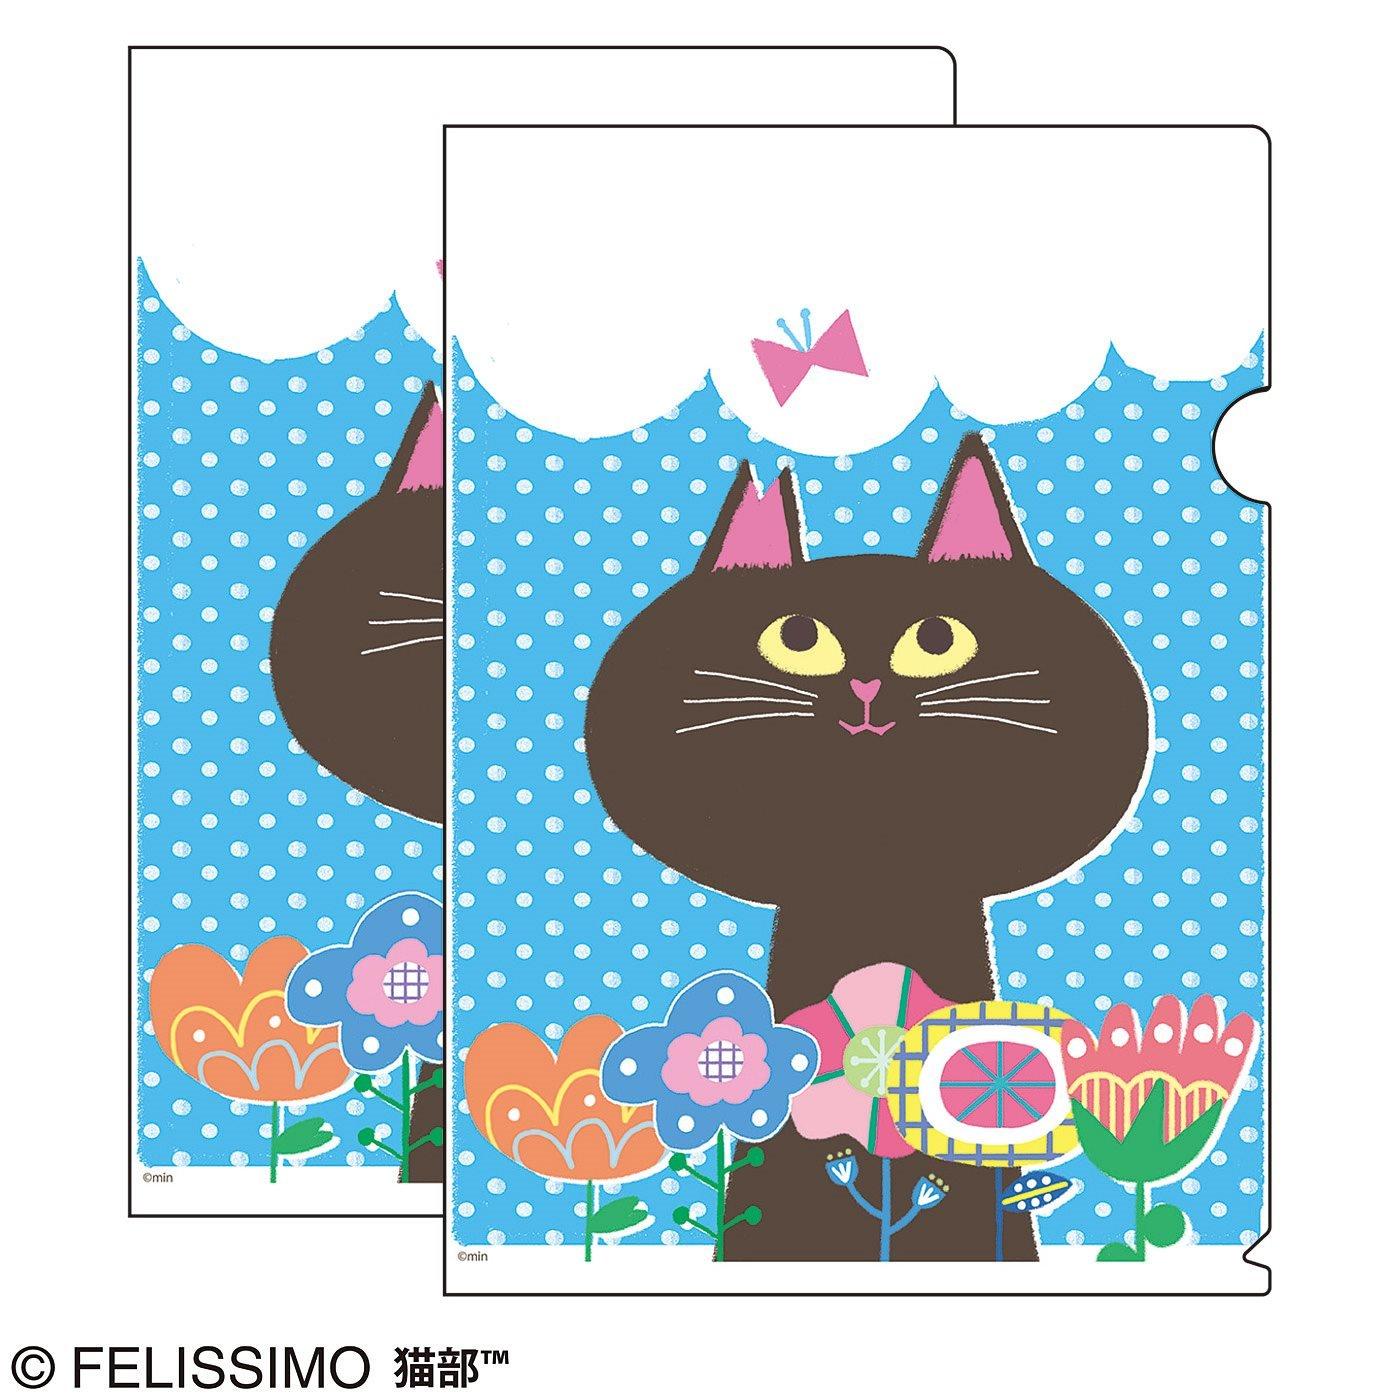 猫部×min 地域猫チャリティークリアファイル2019